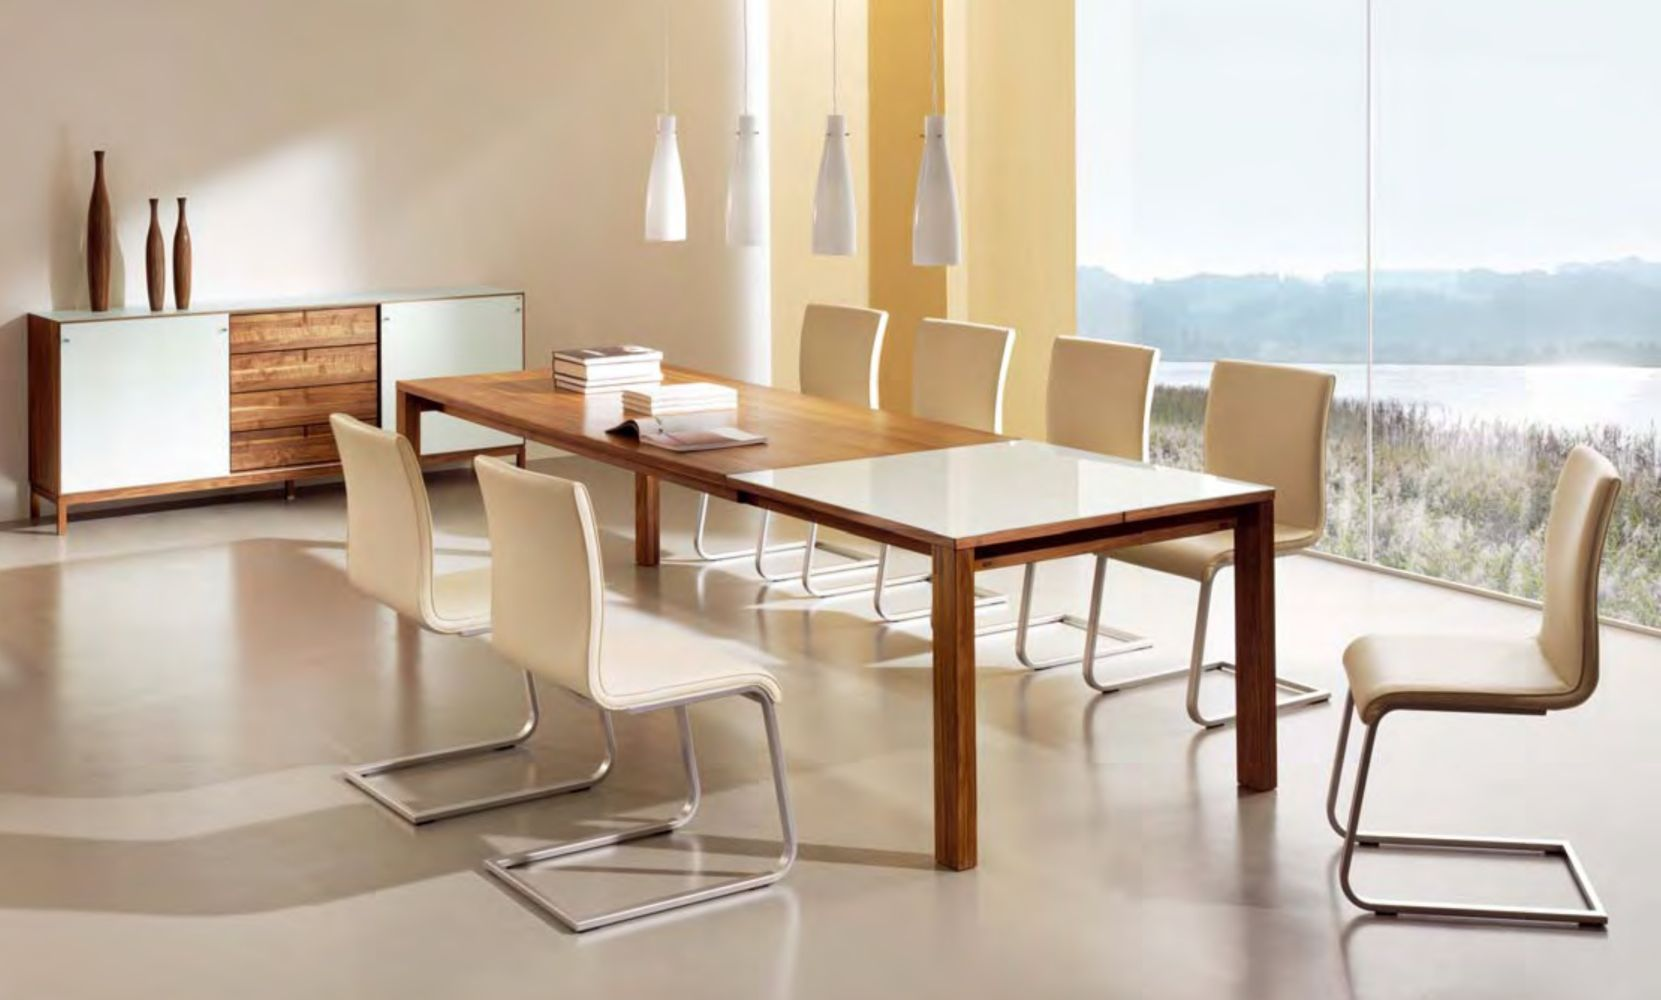 Appunti Di Feng Shui: Sala Da Pranzo Arredativo Design Magazine #3D1E14 1661 1000 Sala Da Pranzo Arredo